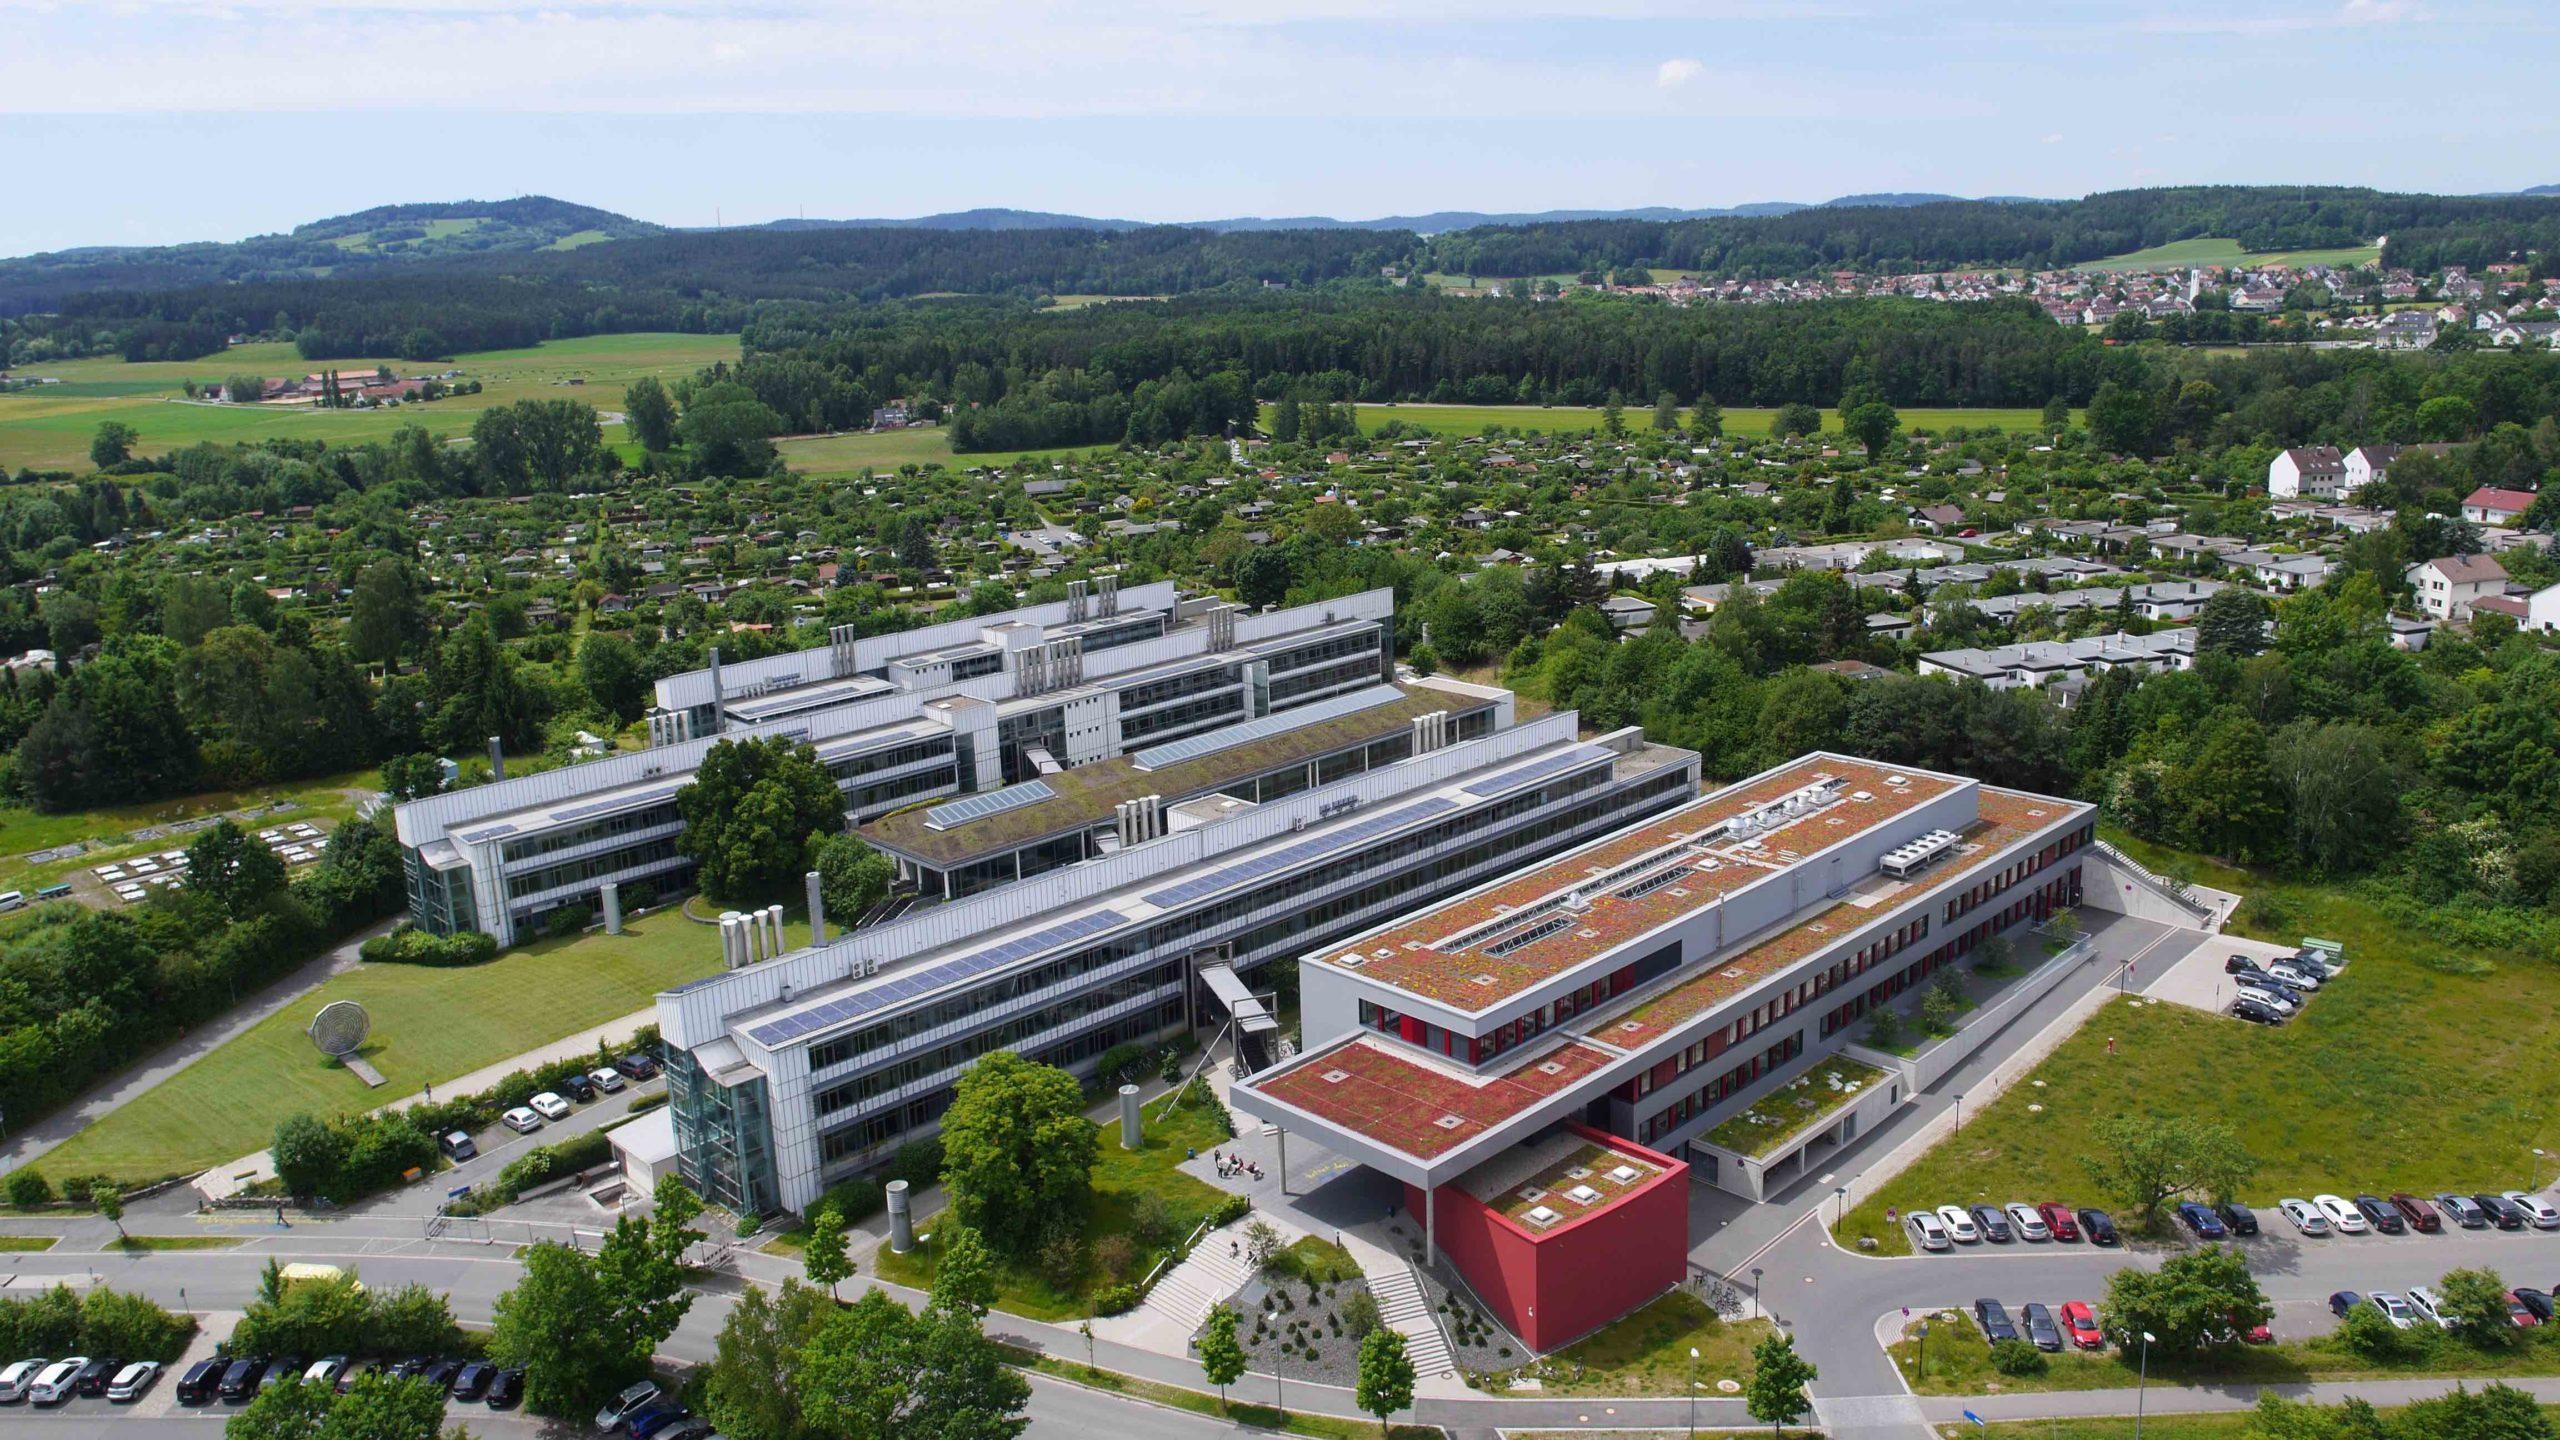 Universität Bayreuth von oben | Polymer Engineering Bayreuth